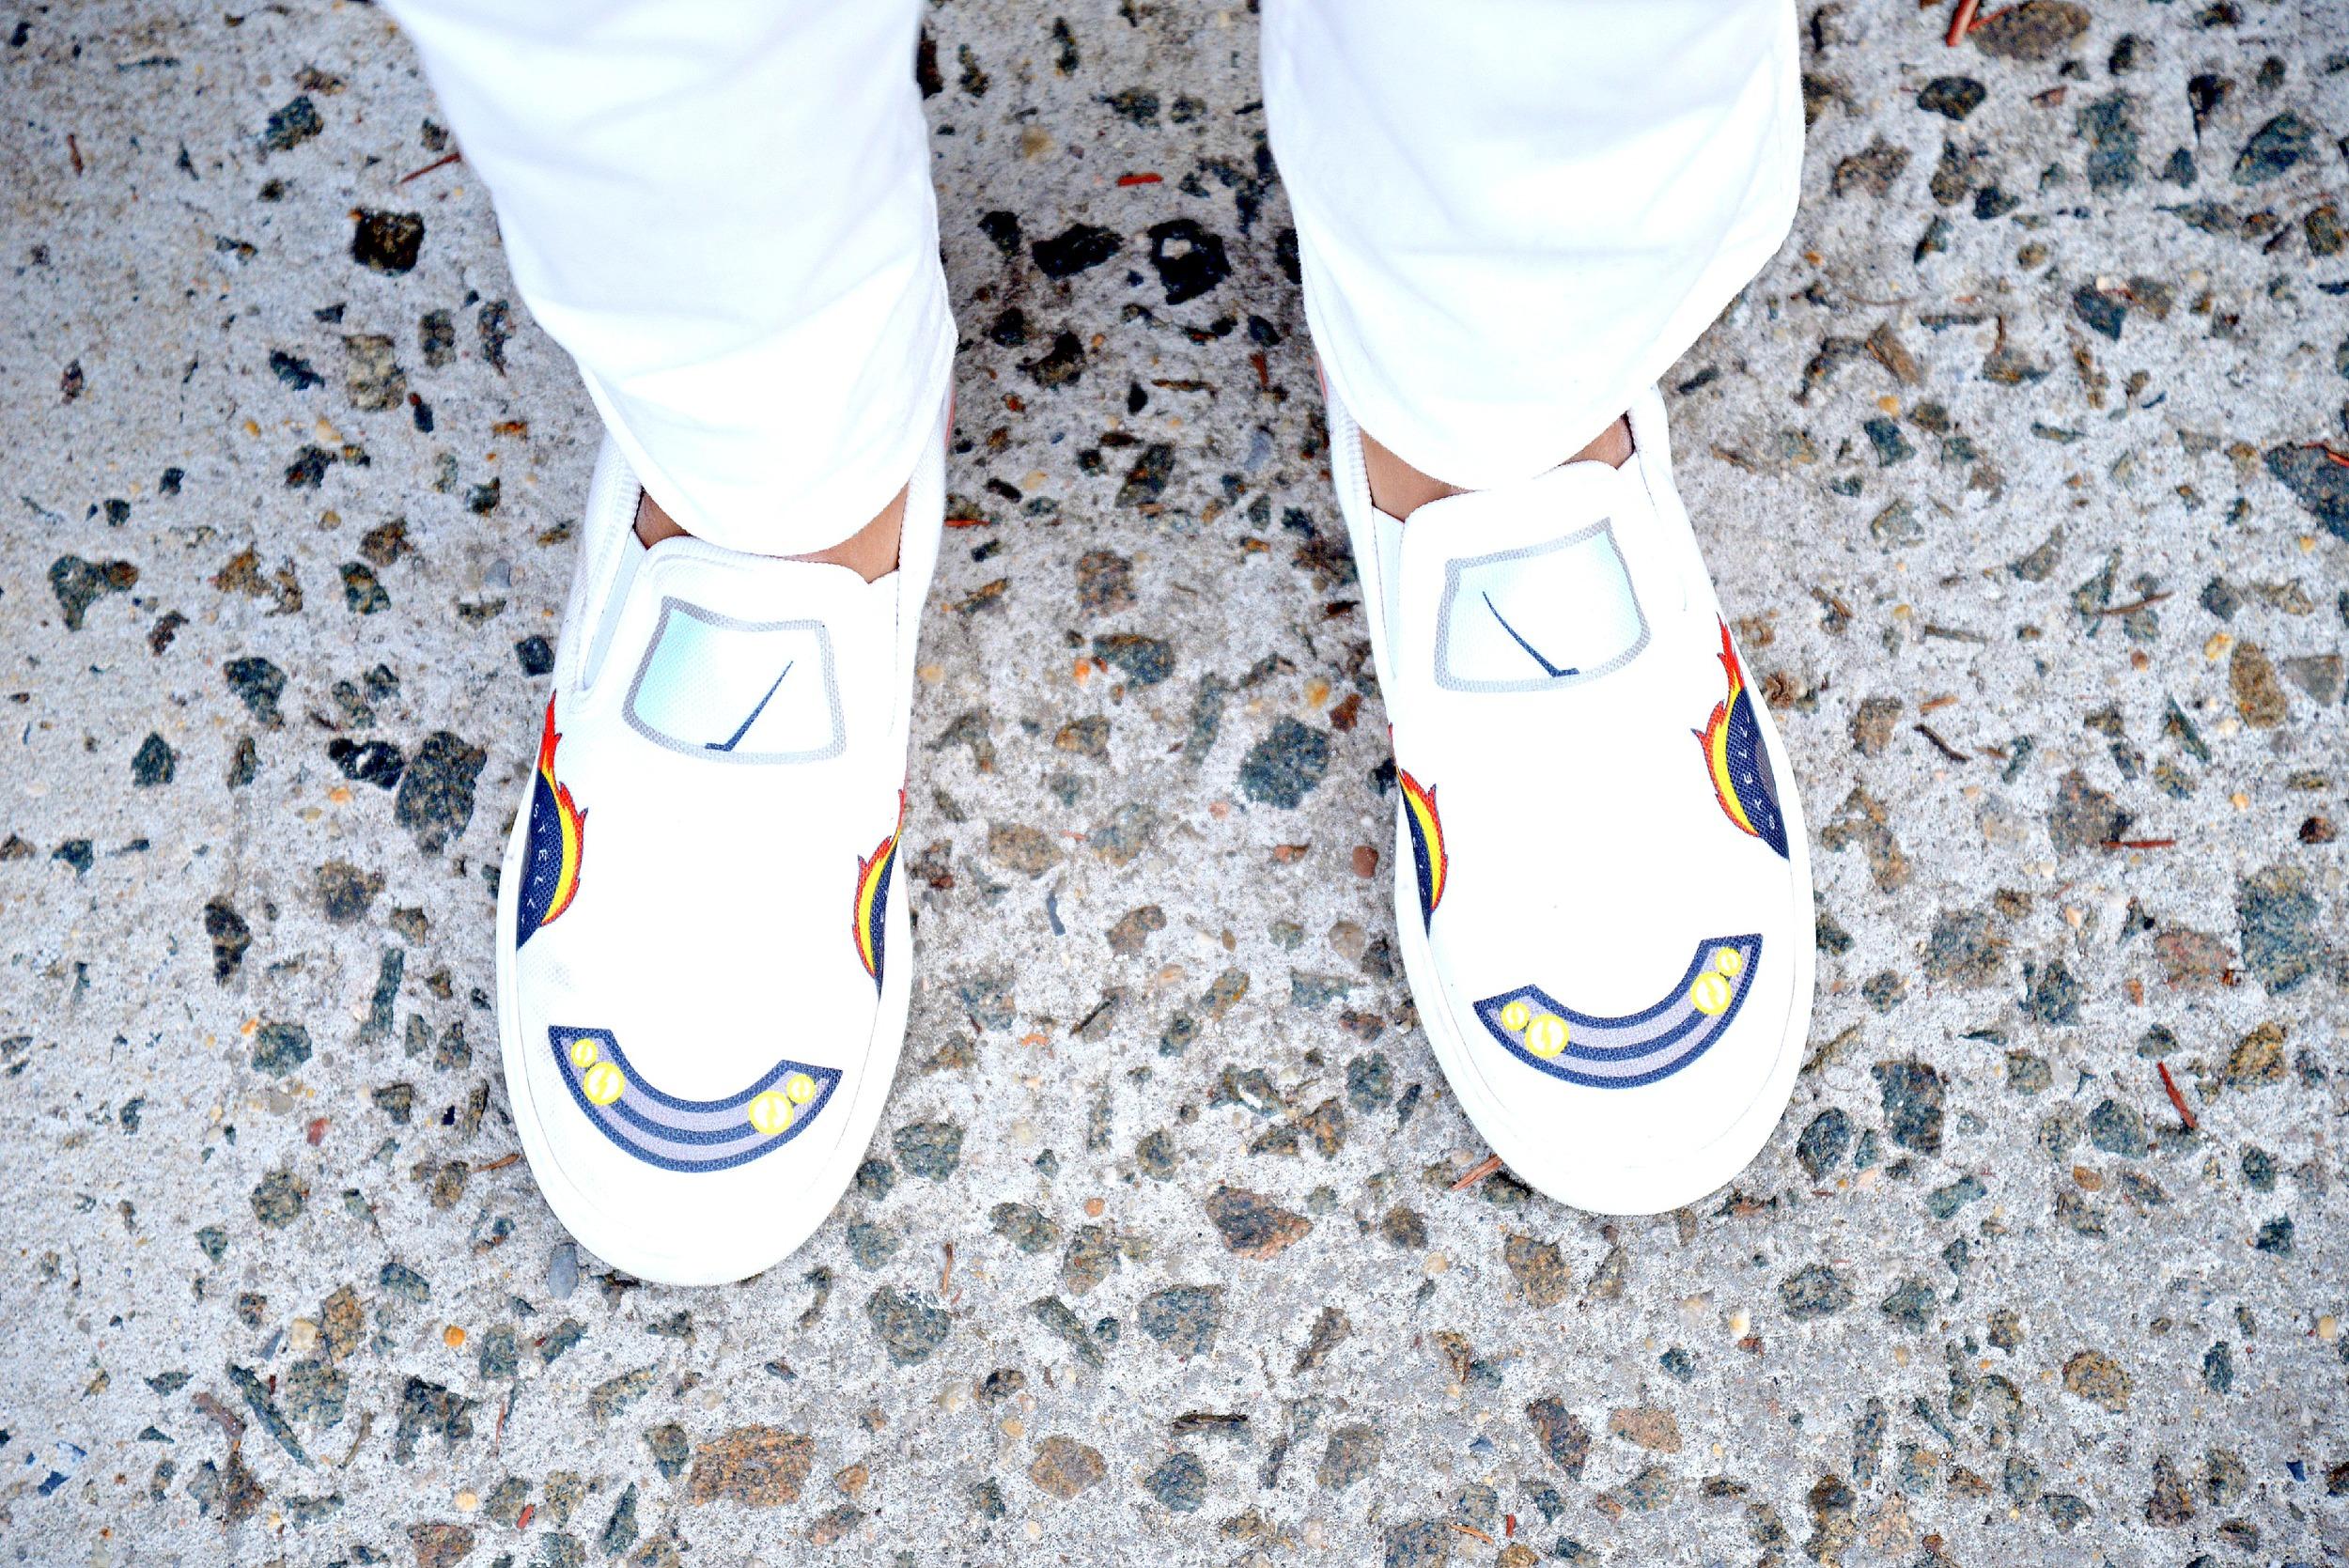 whtjn shoe